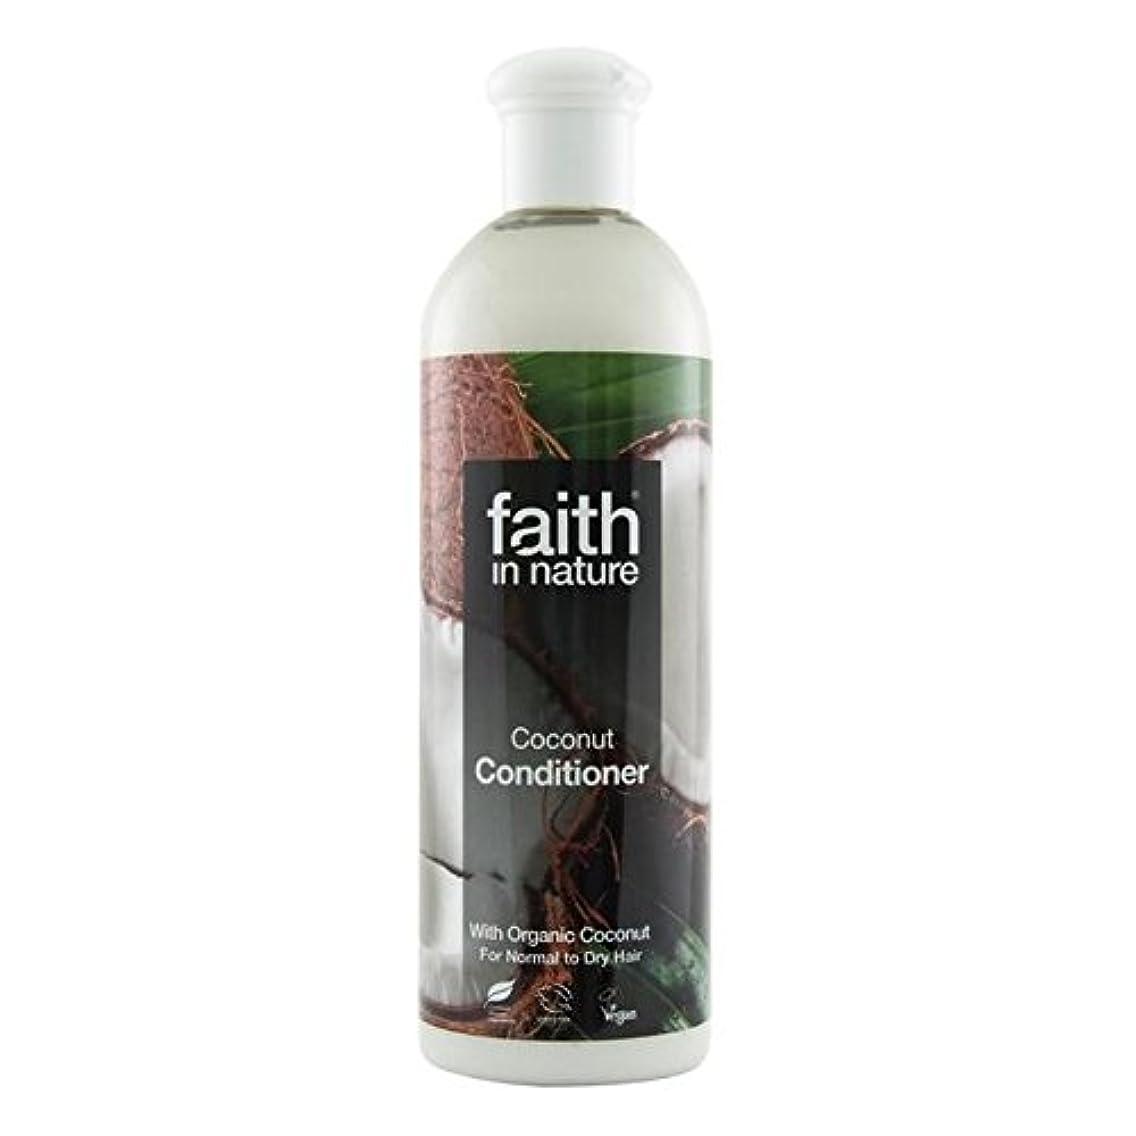 空気肺炎ちなみにFaith in Nature Coconut Conditioner 400ml (Pack of 6) - (Faith In Nature) 自然ココナッツコンディショナー400ミリリットルの信仰 (x6) [並行輸入品]